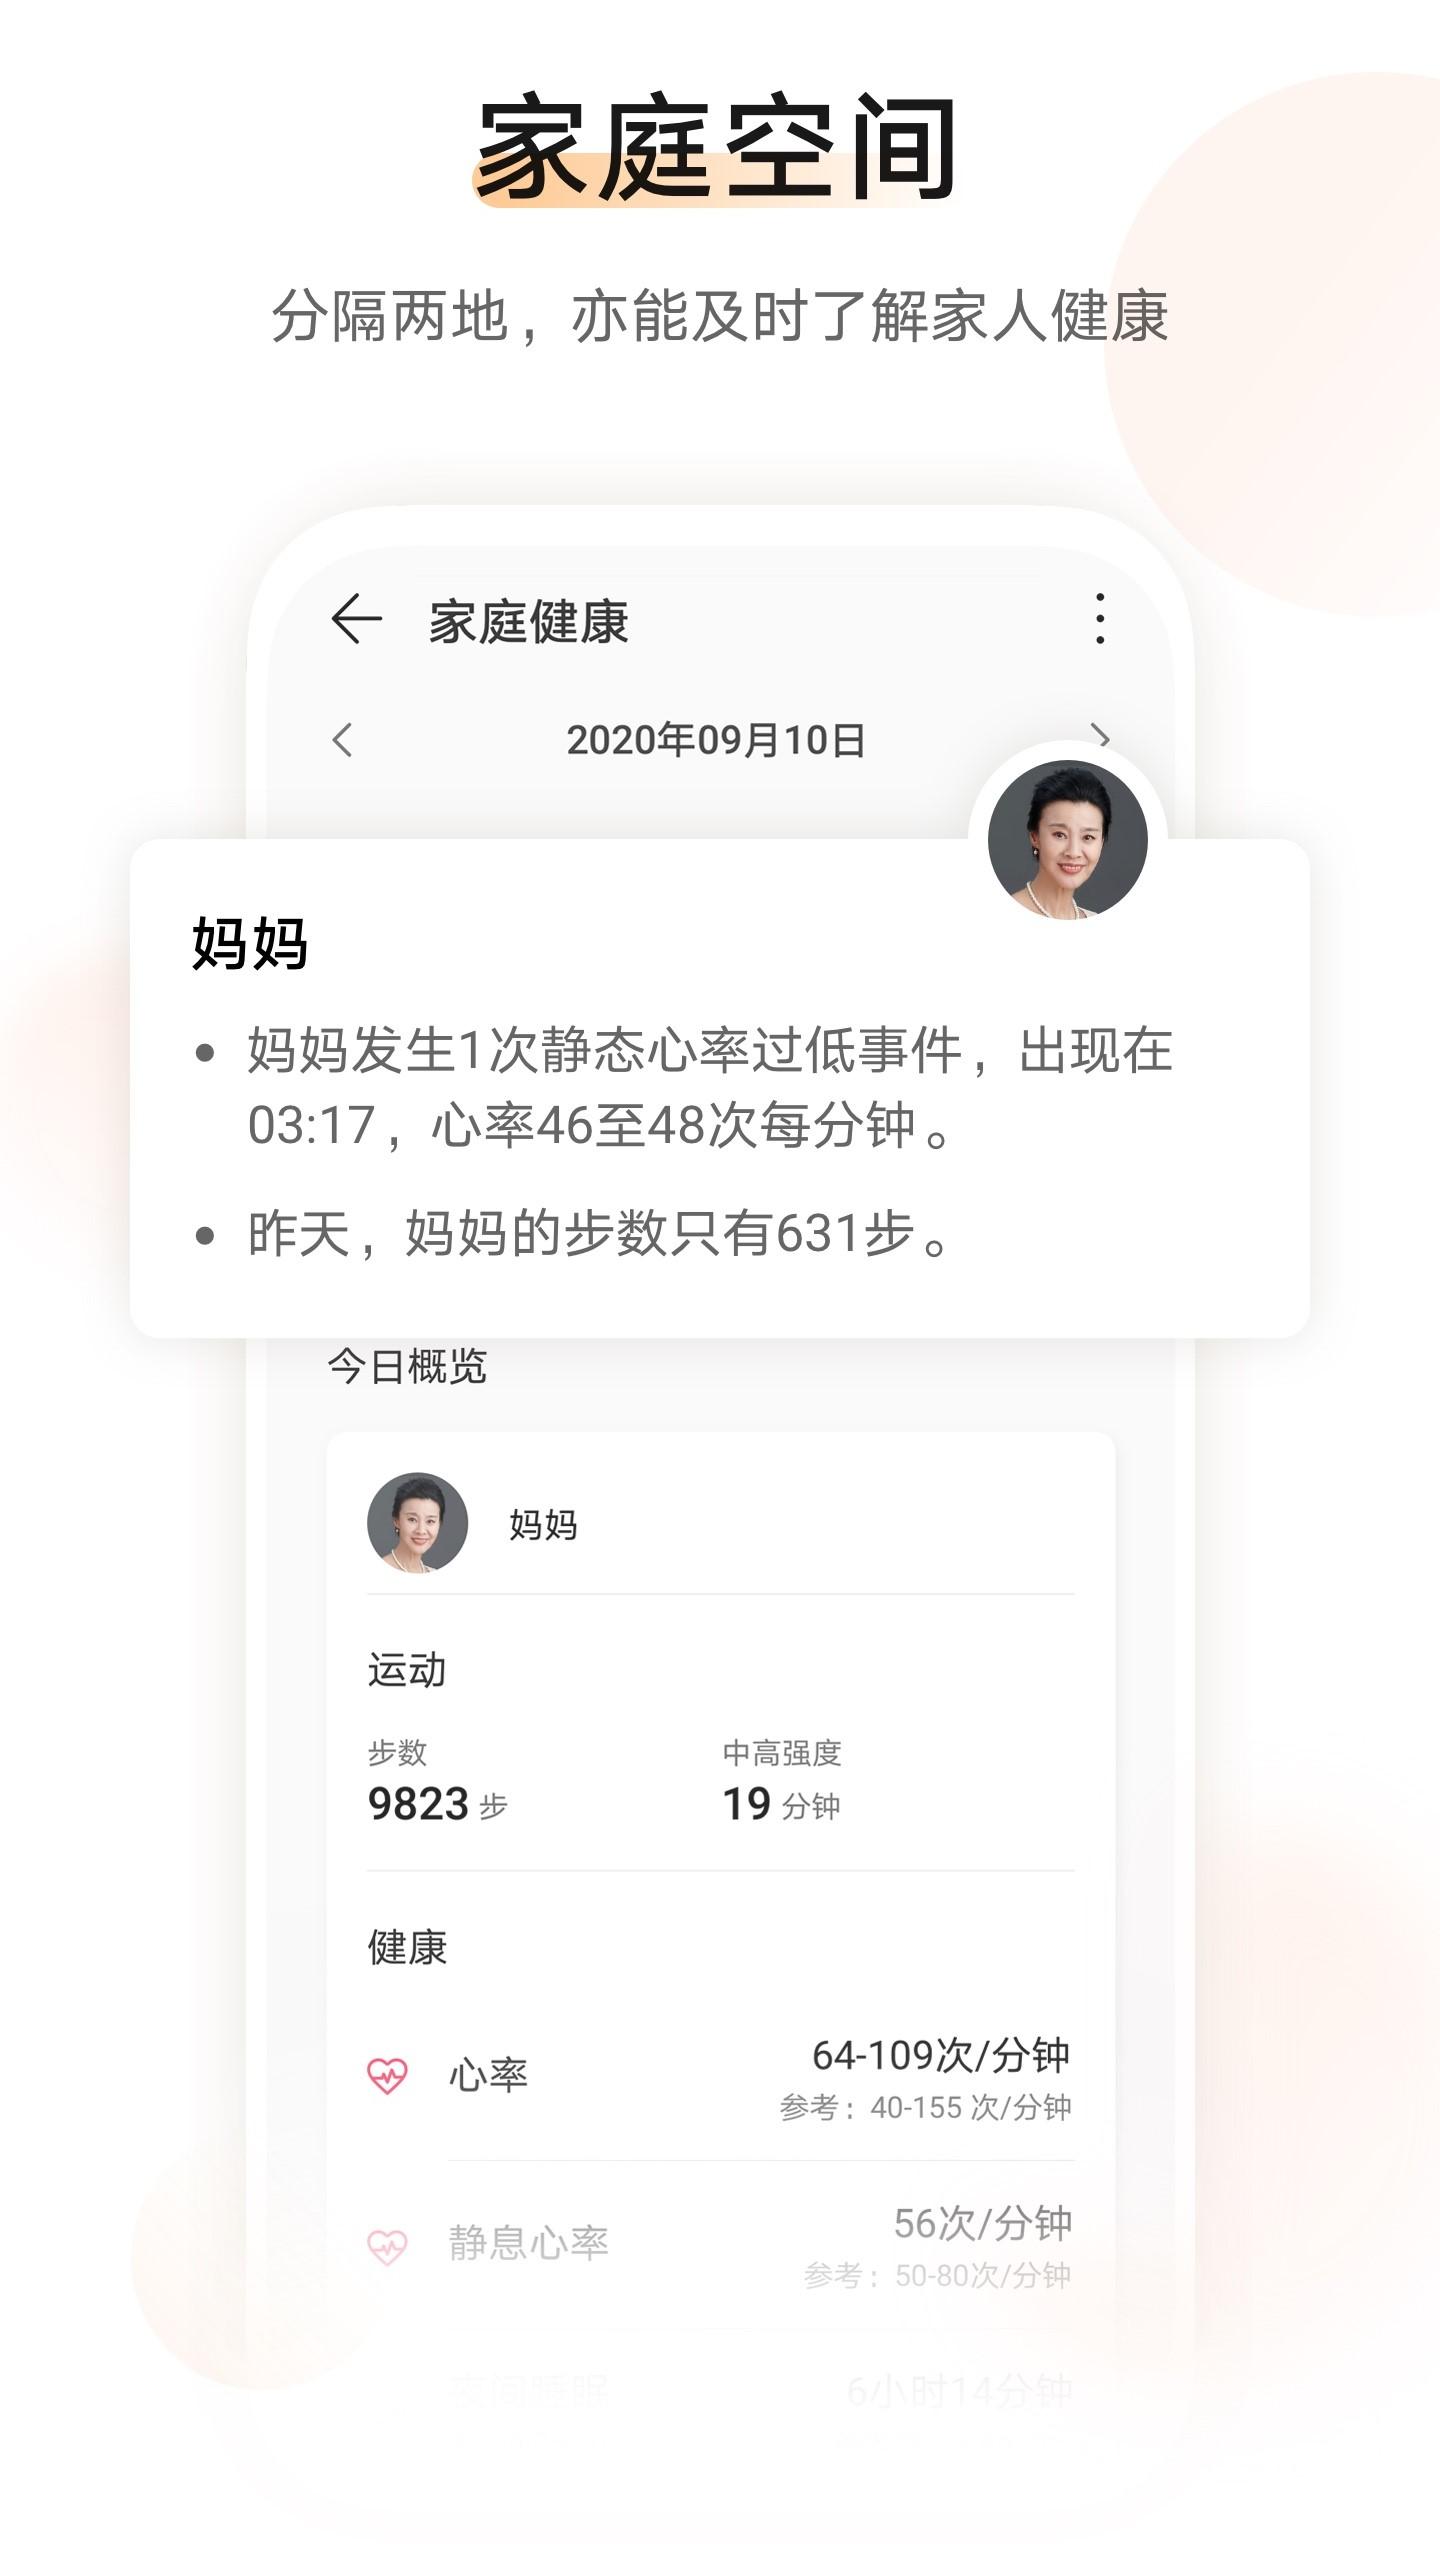 华为运动健康计步器v11.0.9.516 安卓最新版